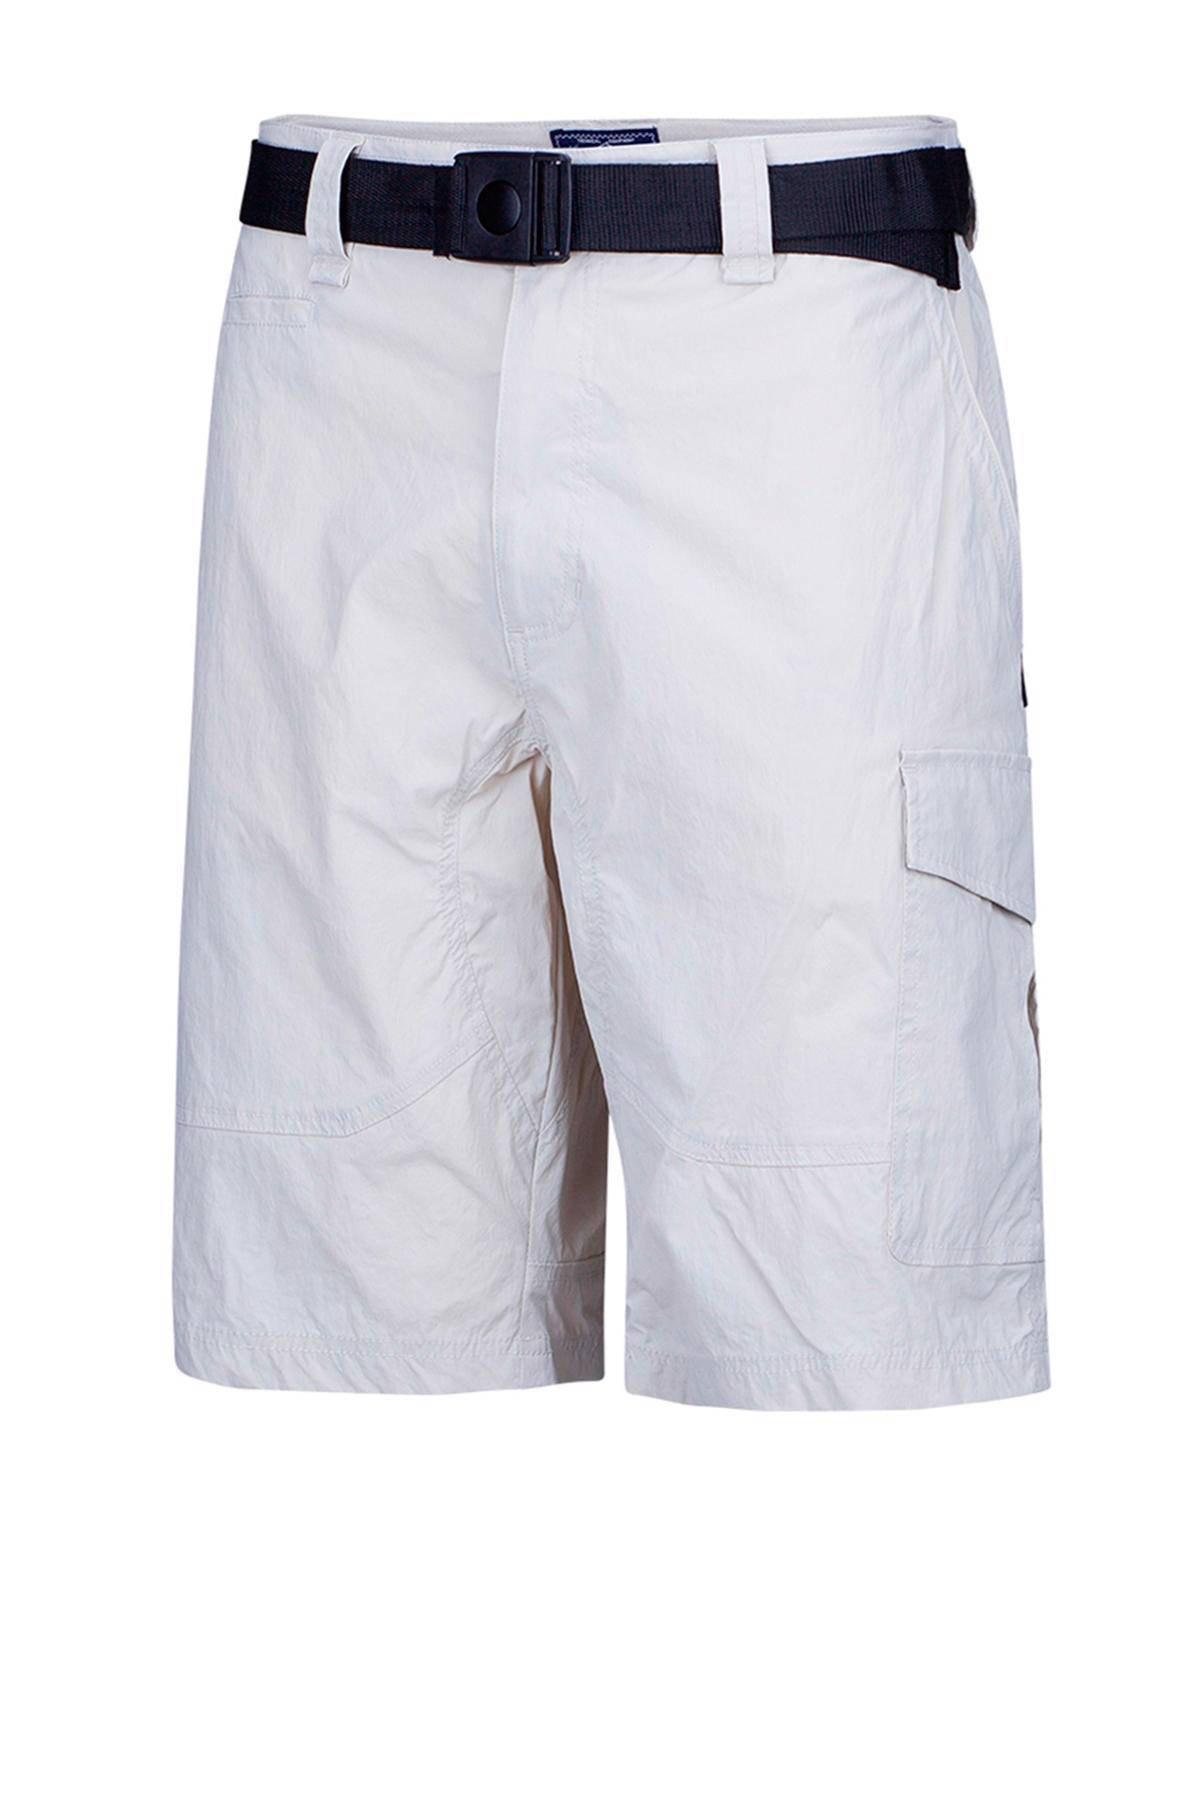 Outdoor Korte Broek Heren.Heren Korte Broek 61 2 Heren Broeken Blauw Destroyed Jeans Short